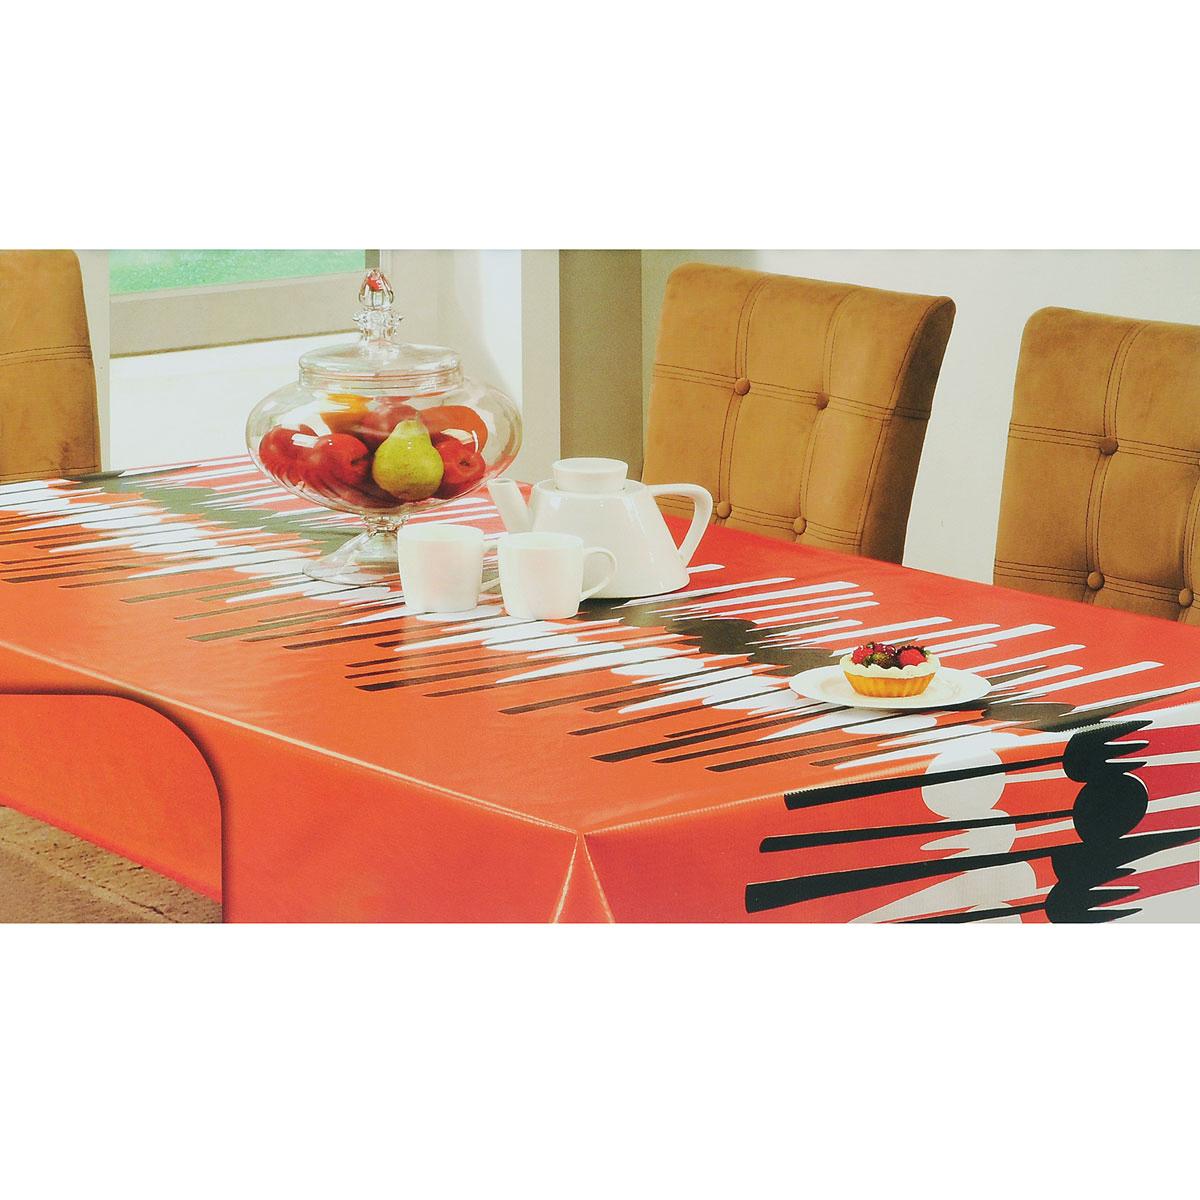 Скатерть White Fox Осень, овальная, цвет: красный, оранжевый, 152 x 228 смWКTC72-261Овальная скатерть White Fox Осень, выполненная из ПВХ с основой из флиса, предназначена для защиты стола от царапин, пятен и крошек. Край скатерти обработан тканью. Скатерть оформлена изображением столовых приборов, а рифлёная поверхность скатерти формирует приятные тактильные ощущения, при этом частички пищи удаляются с легкостью и поверхность остается всегда чистой. Скатерть термостойкая выдерживает температуру до +70 °C. Скатерть White Fox проста в уходе - её можно протирать любыми моющими средствами при необходимости. Скатерть упакована в виниловый пакет с внутренним цветным вкладышем и подвесом в виде крючка.